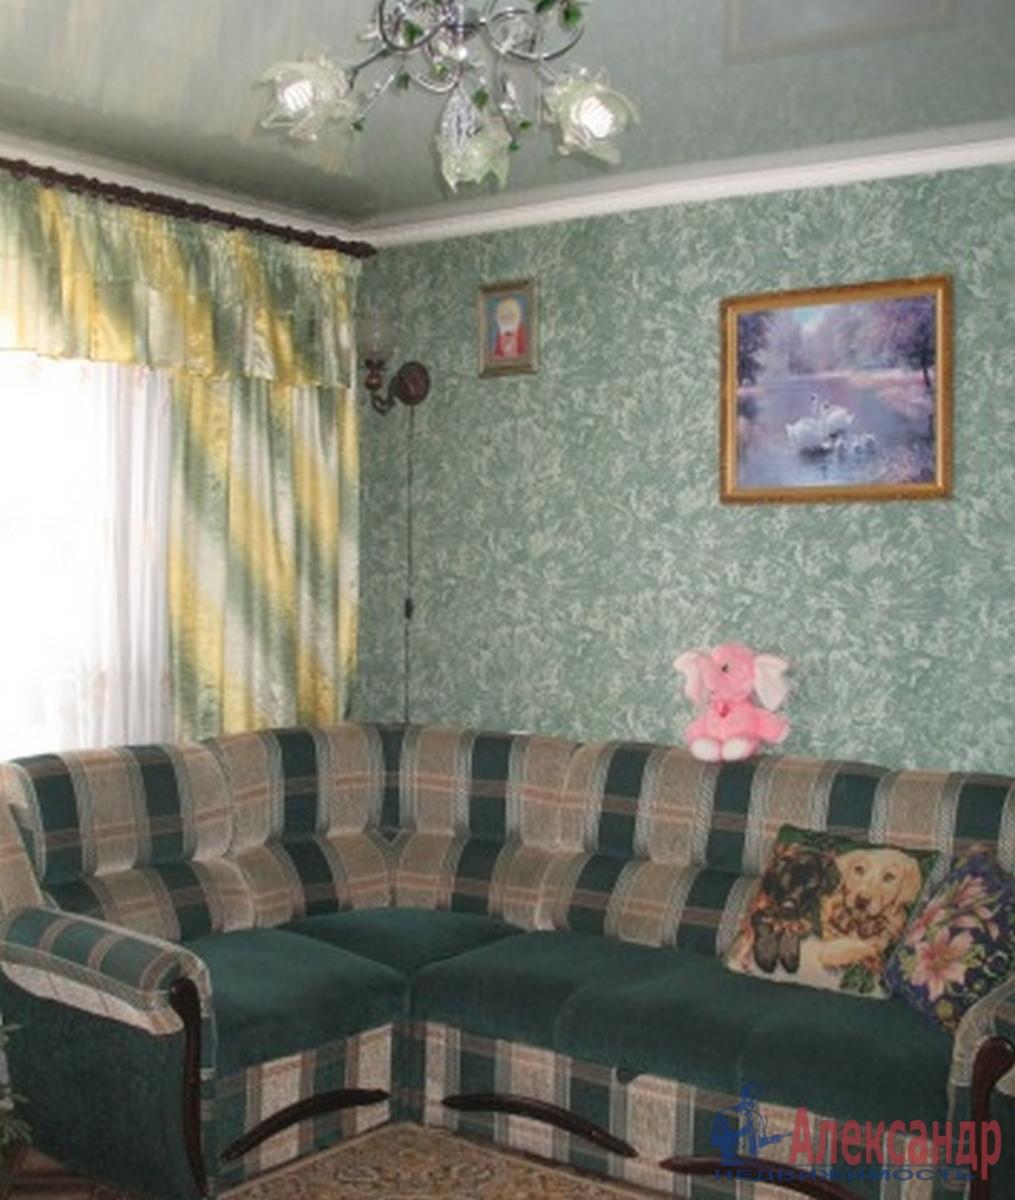 2-комнатная квартира (52м2) в аренду по адресу Гаккелевская ул., 26— фото 1 из 4